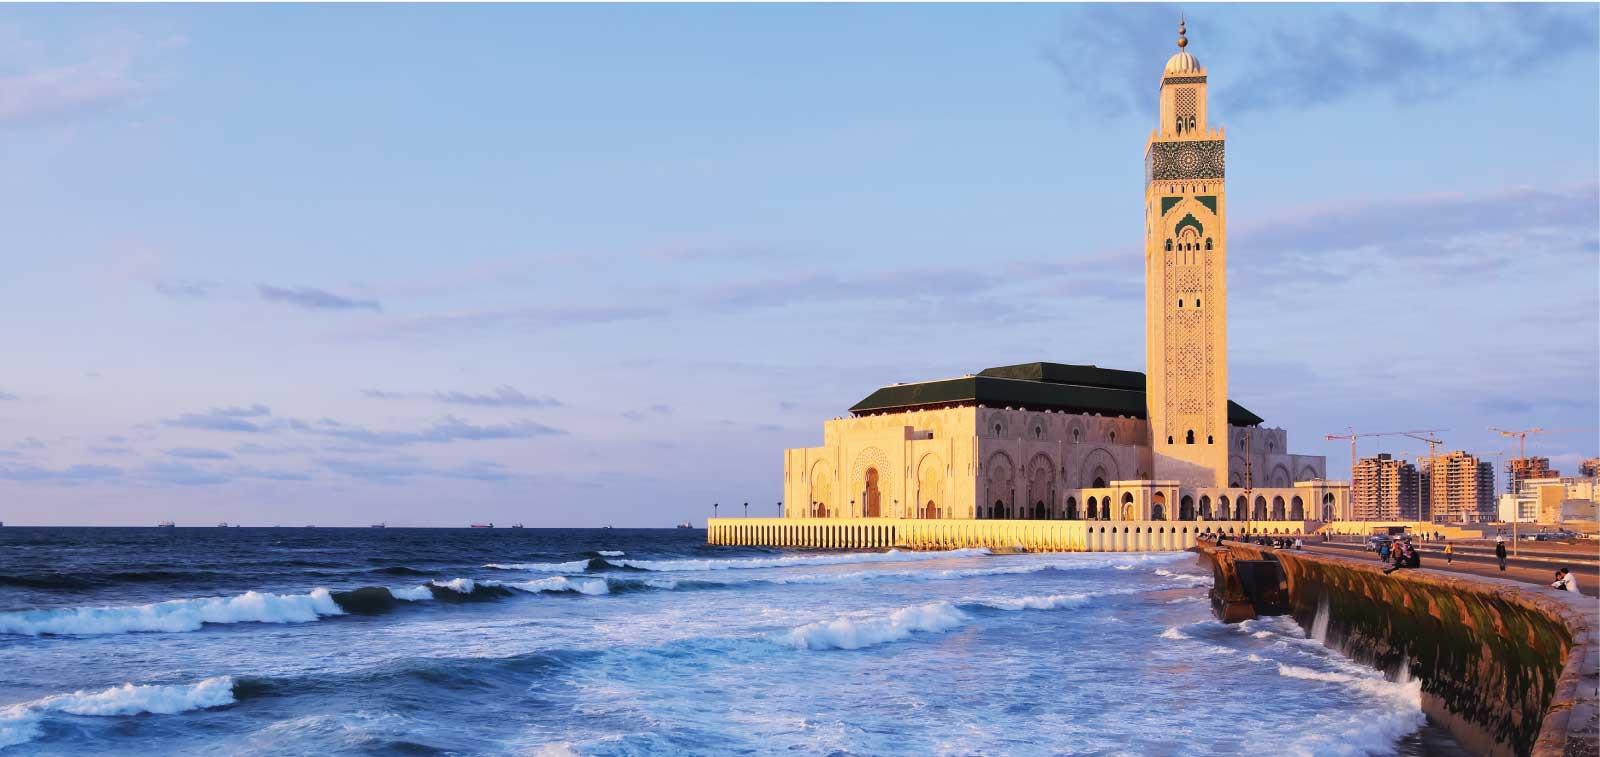 رحلات القاهرة الدار البيضاء مع ترافكو هوليدايز